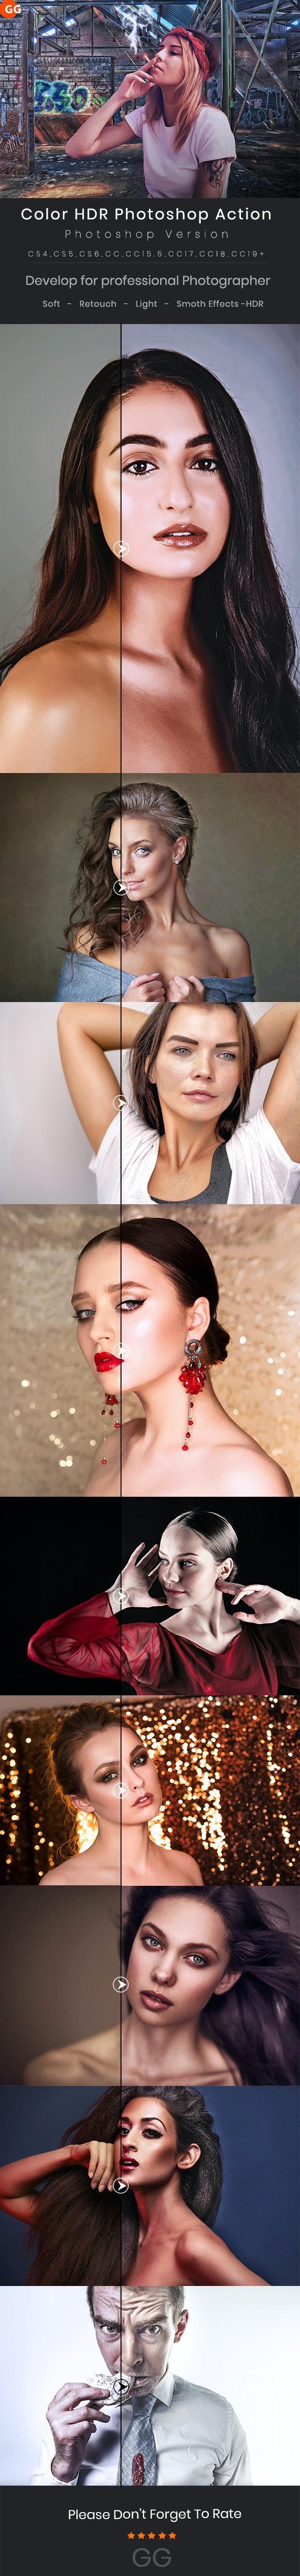 Скачать [Graphicriver] Color HDR Photoshop Action (2019), Отзывы Складчик » Архив Складчин